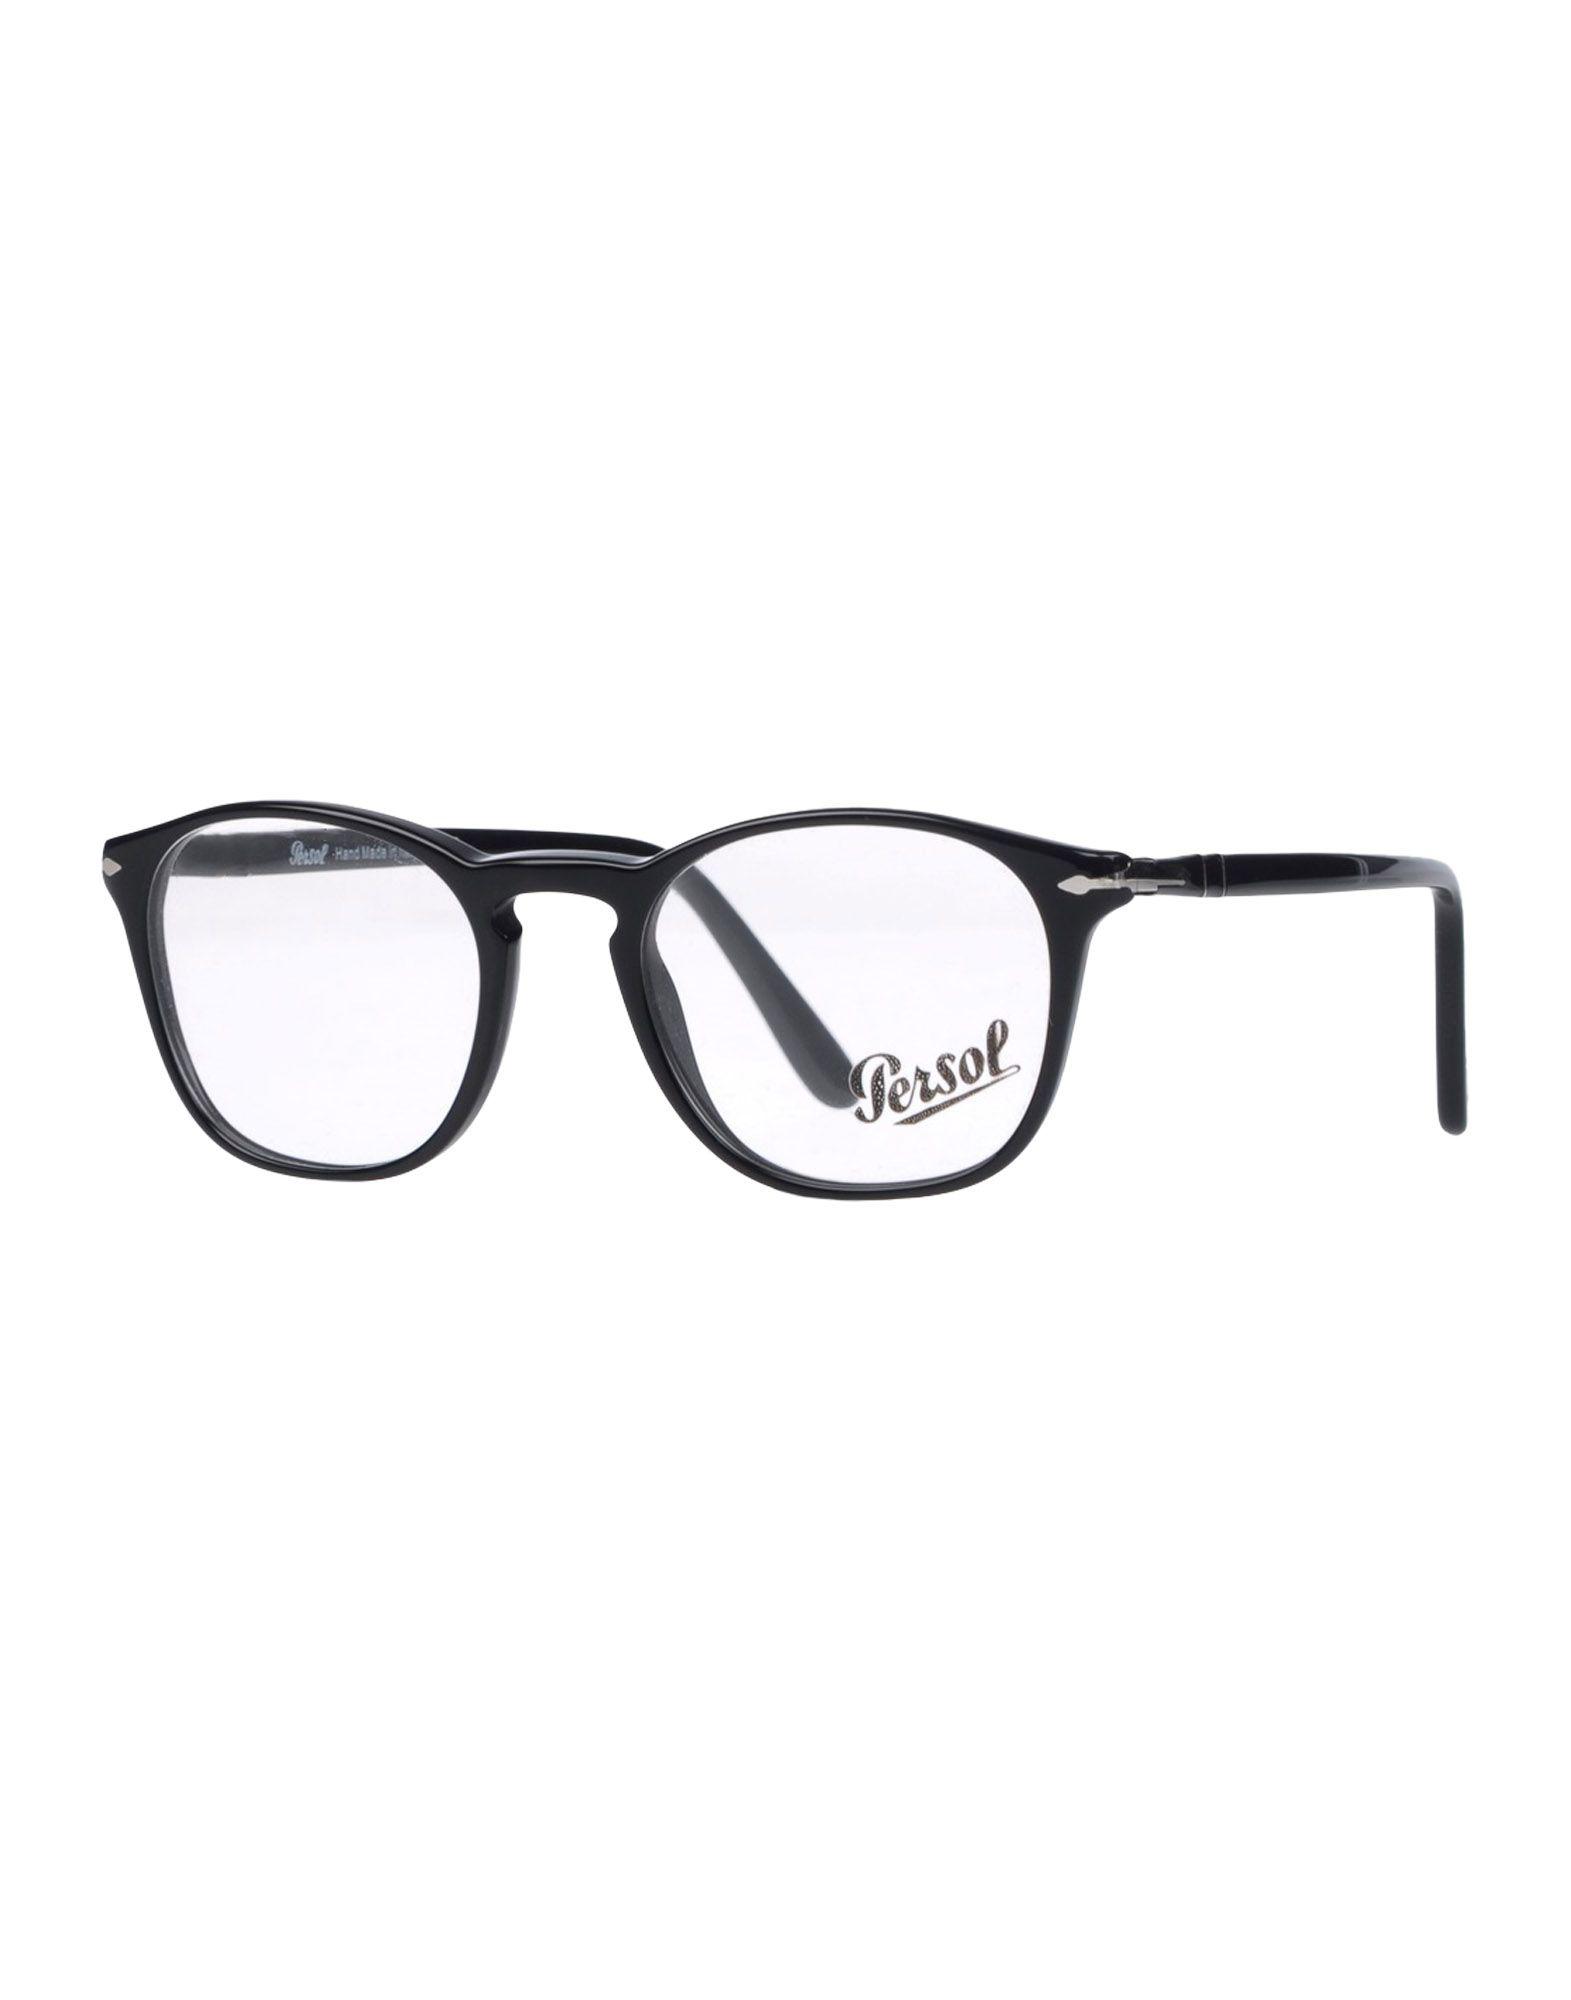 PERSOL Herren Brille Farbe Schwarz Größe 6